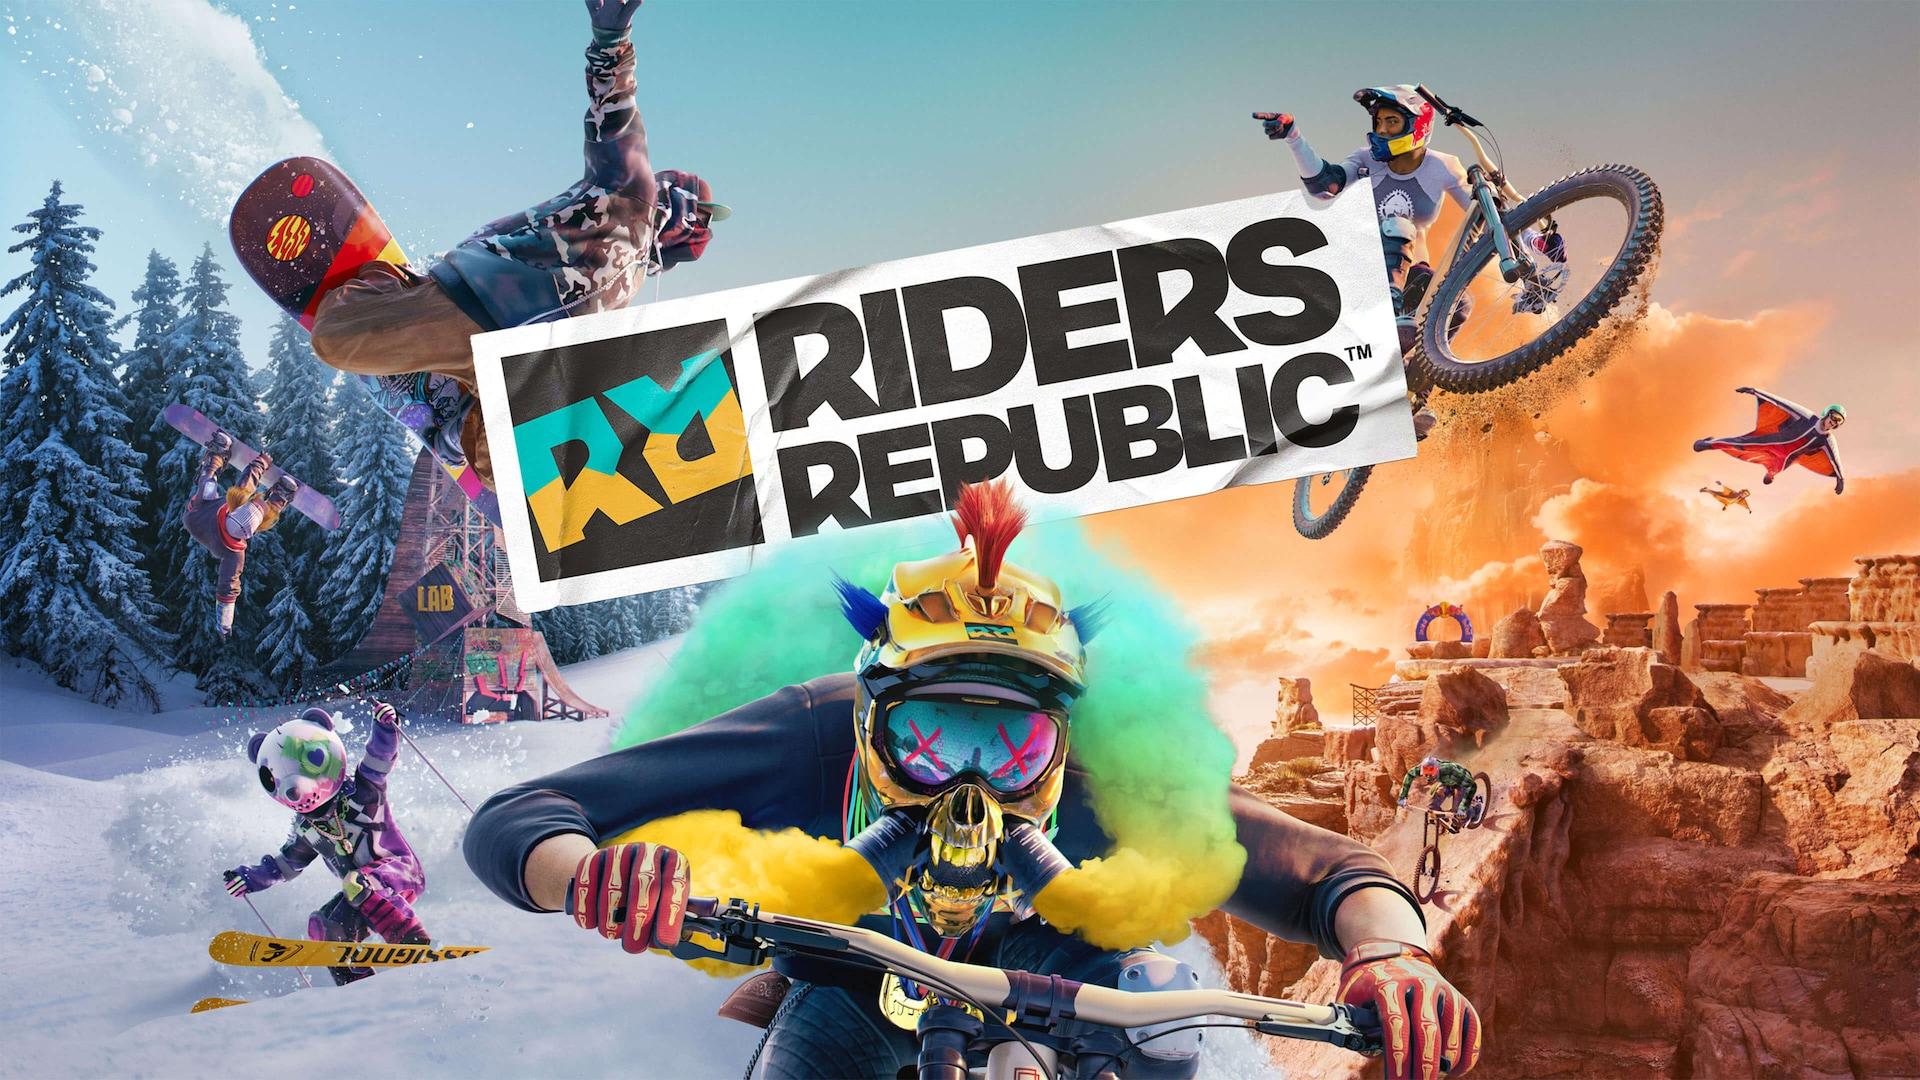 Riders Republic на 50 игроков в экстремальных видах спорта появится в феврале